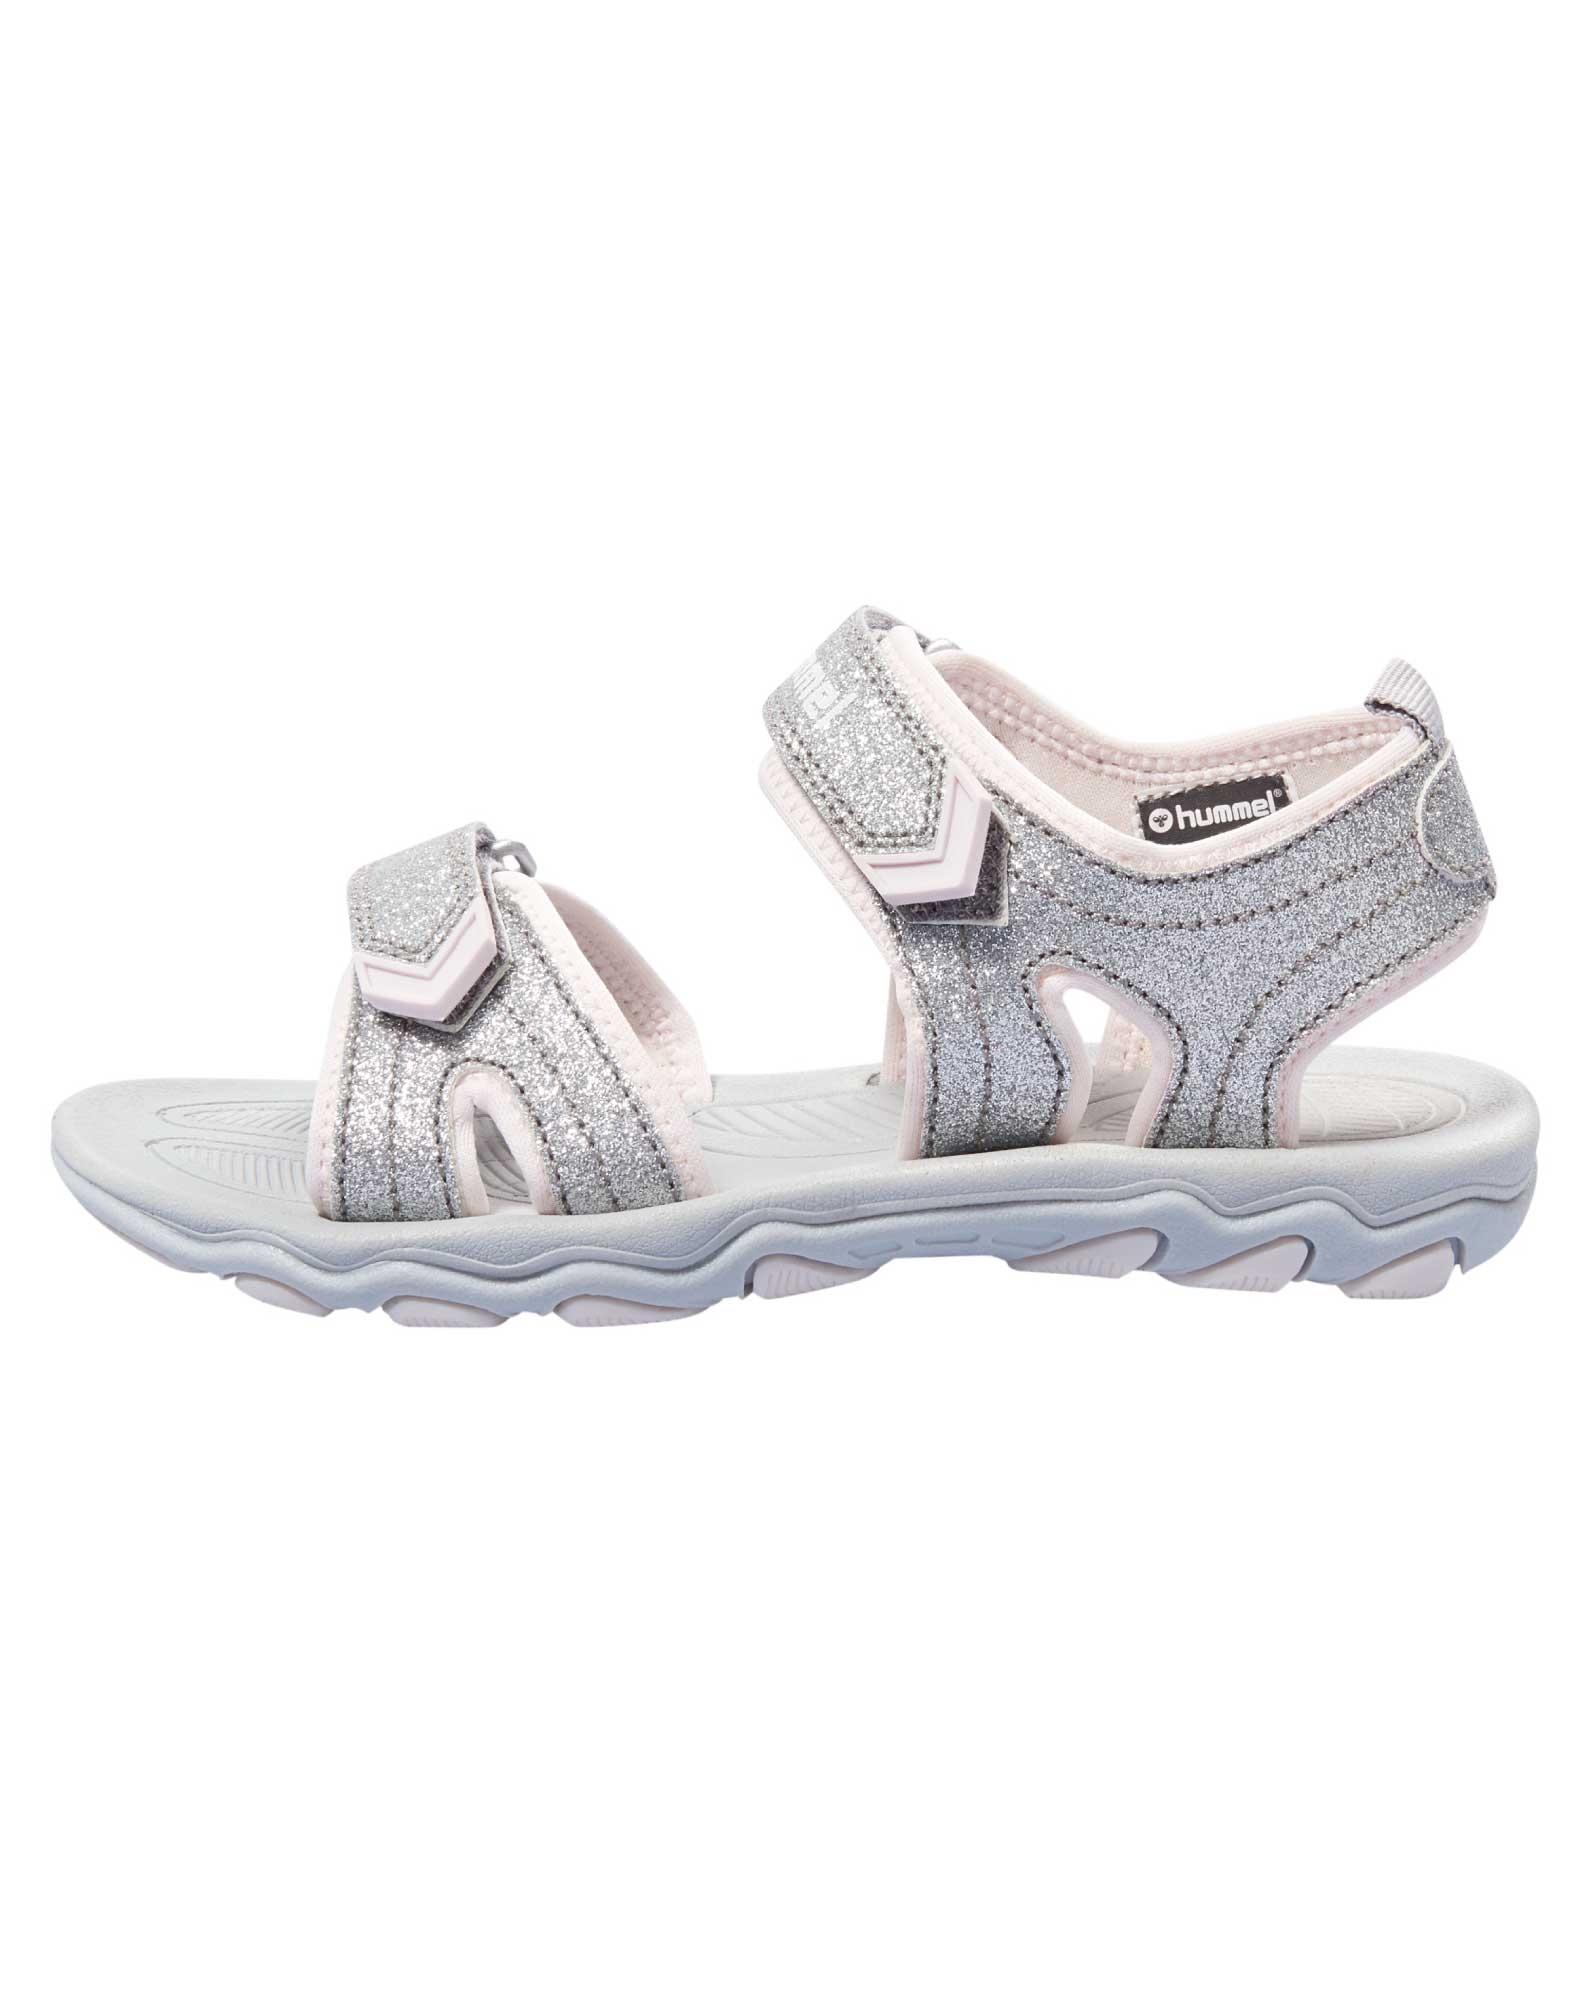 ca1509281dea Køb Hummel Sandal Sandal Glitter Jr Sølv Børn online